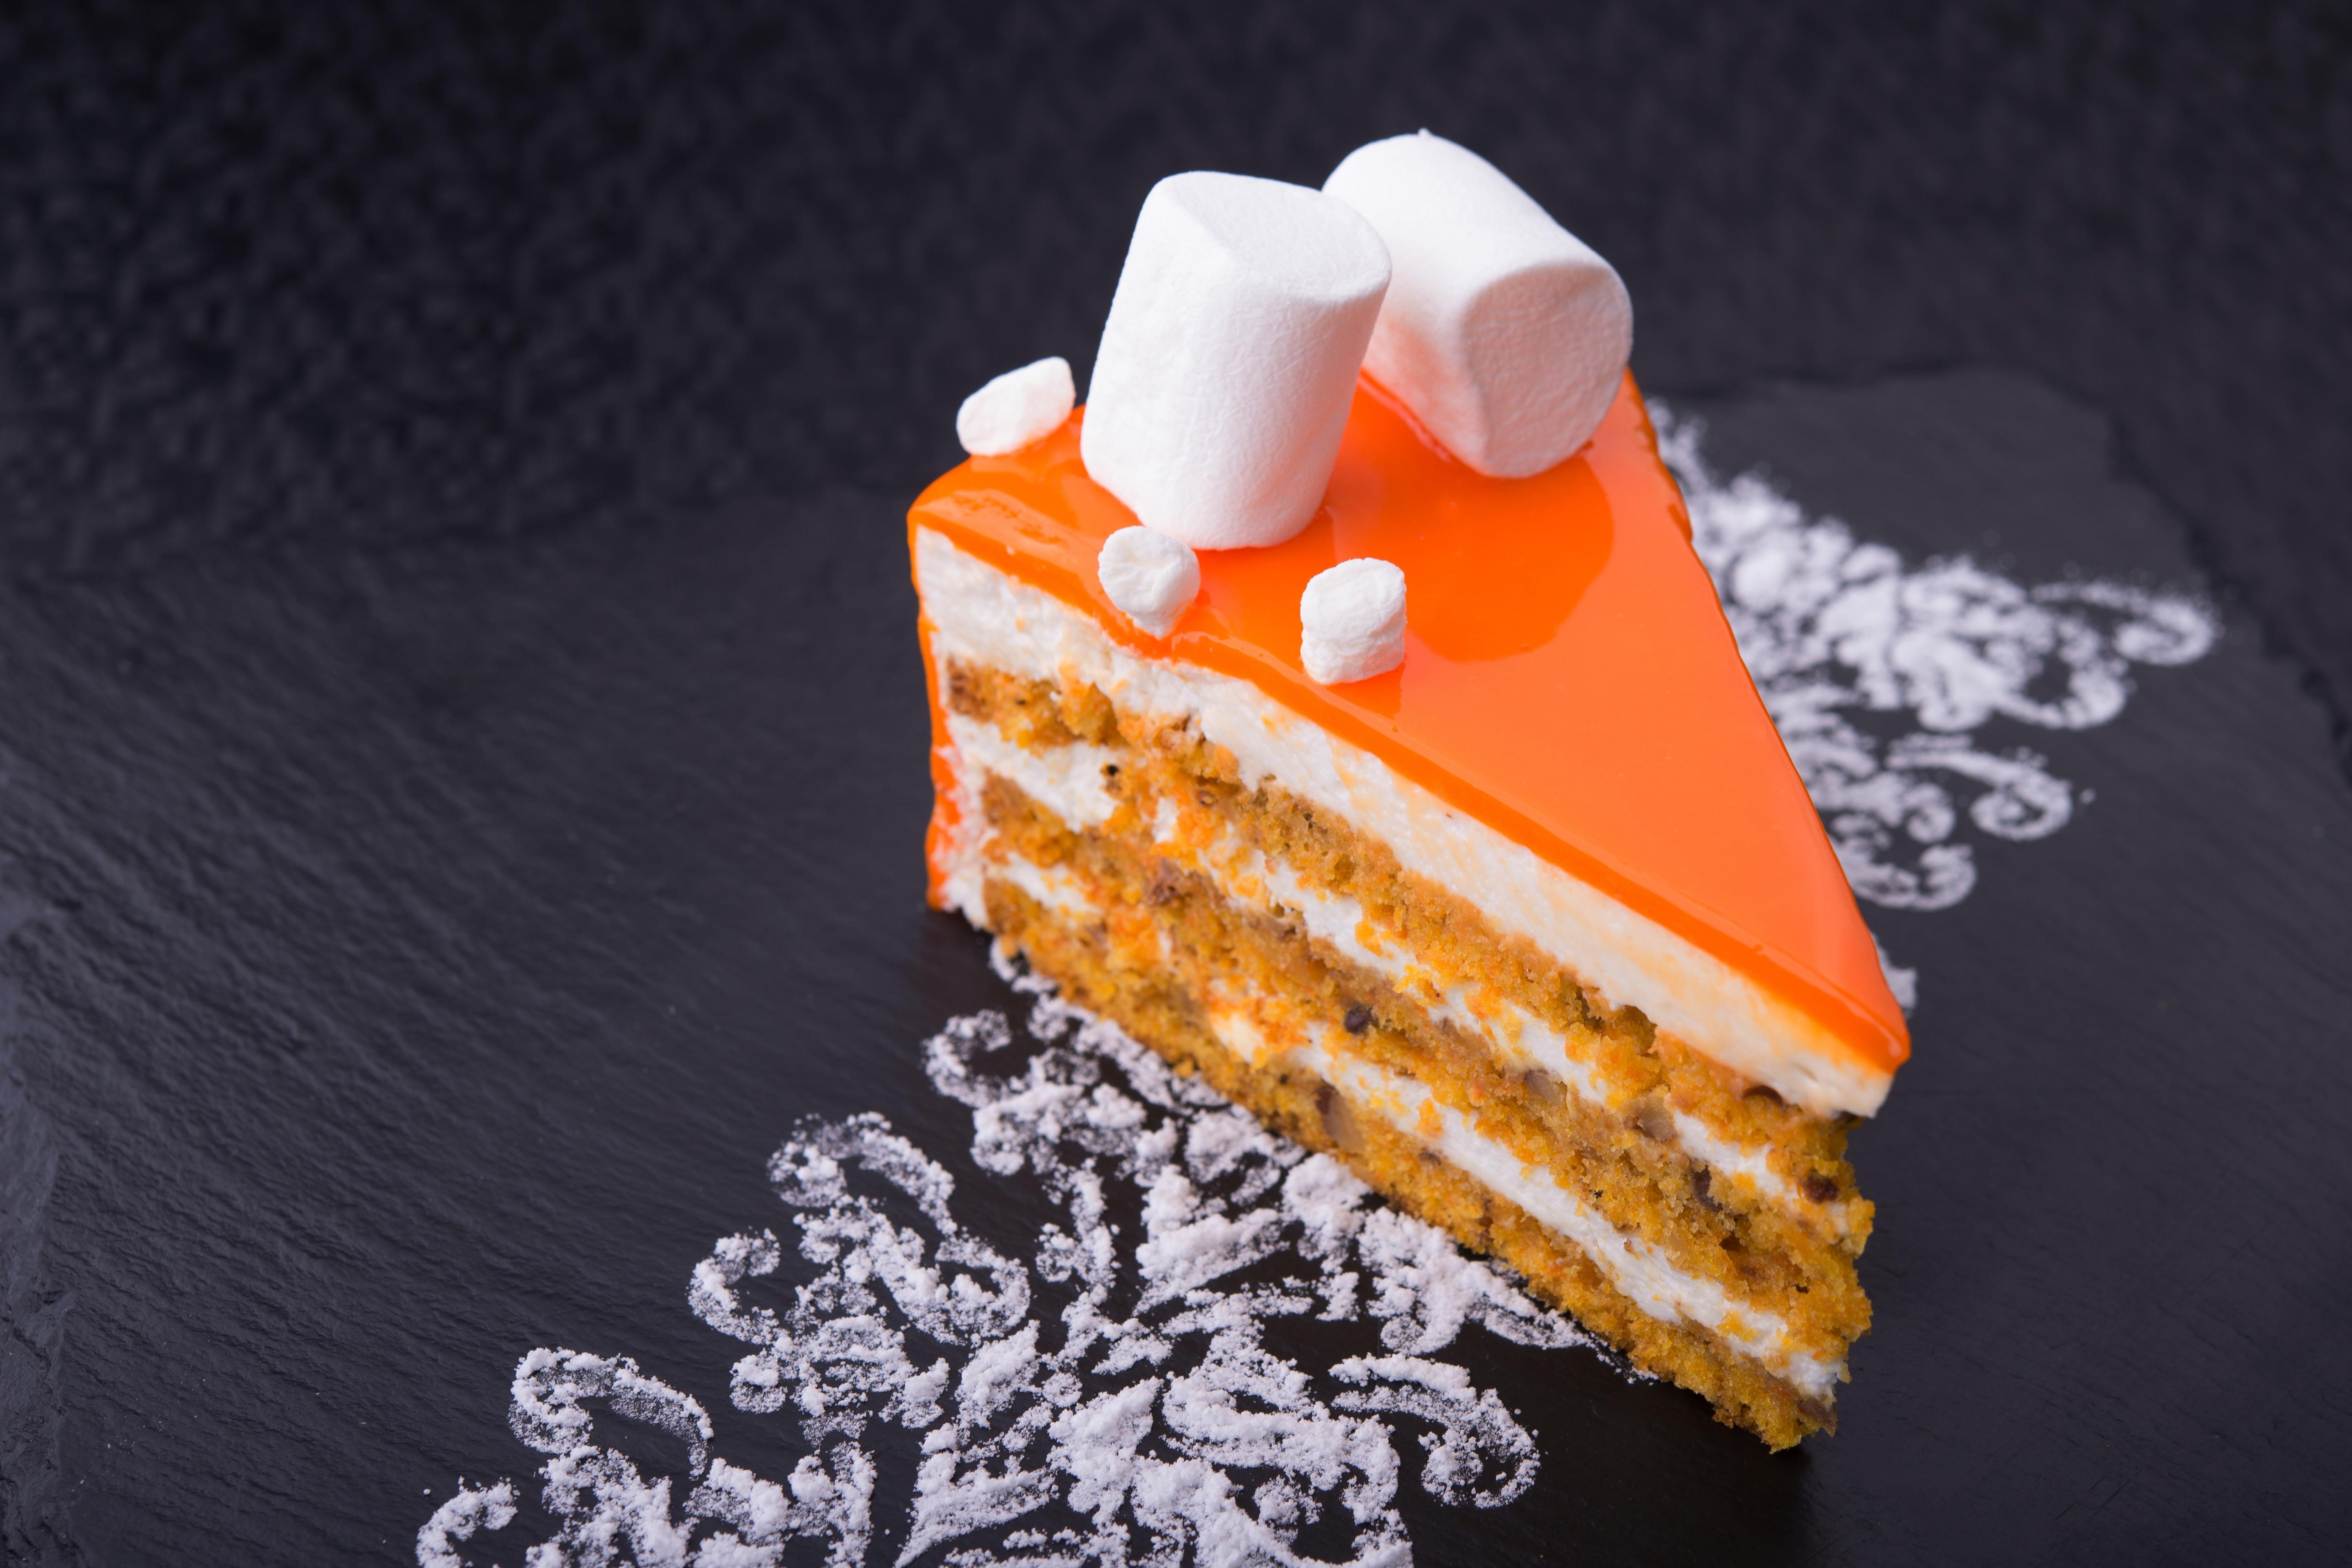 Картинки Торты зефирки часть Десерт Пища Пирожное Маршмэллоу Кусок кусочки кусочек Еда Продукты питания